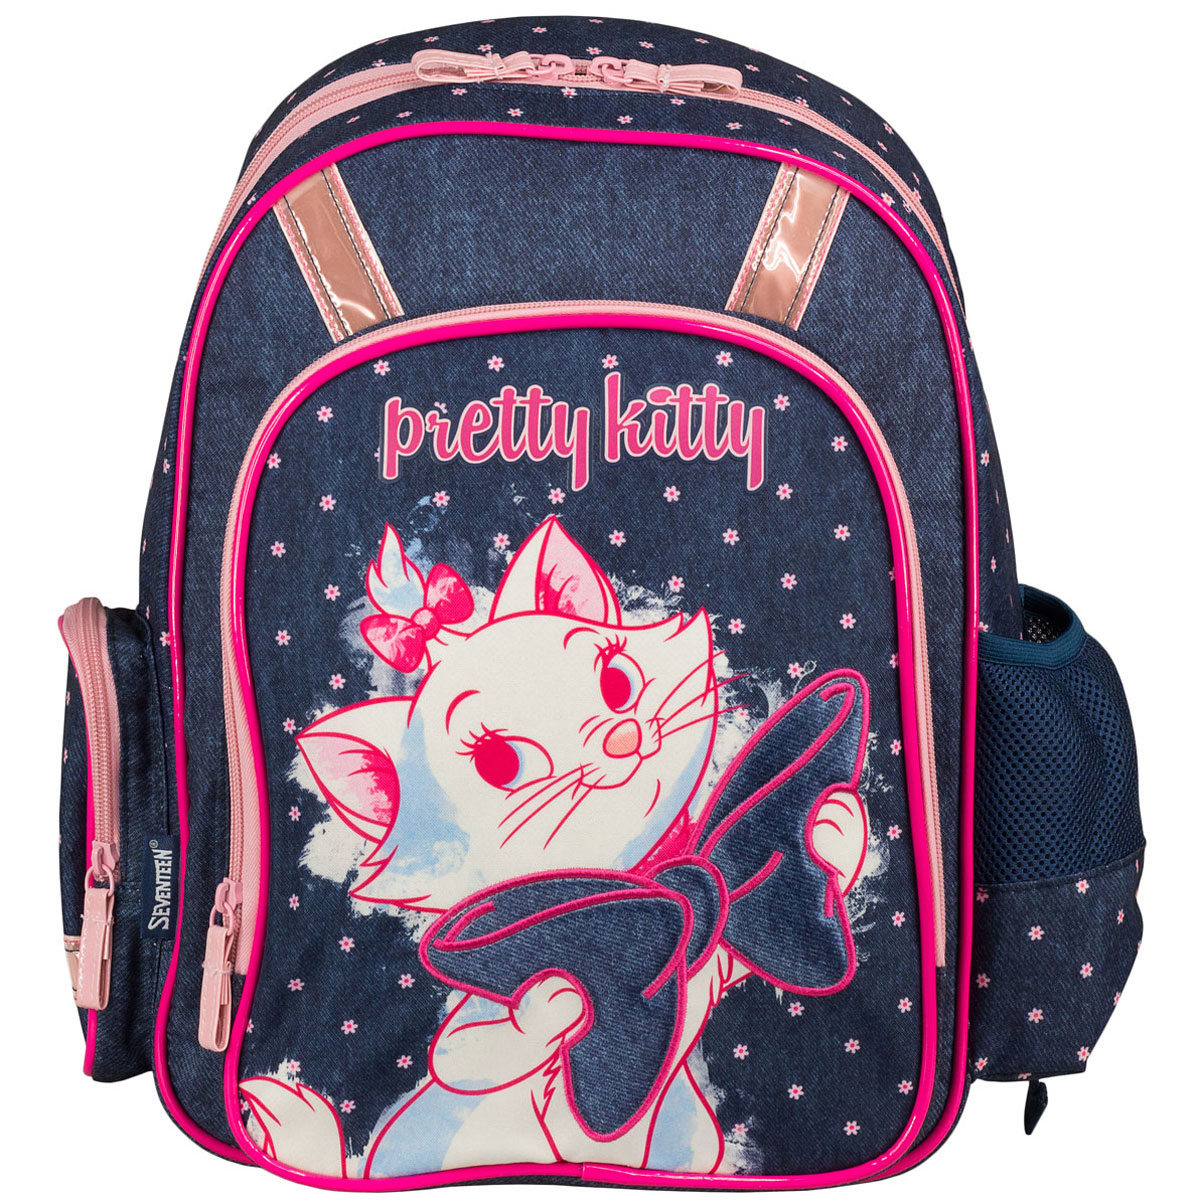 Рюкзак школьный Marie Cat, цвет: темно-синий, розовый. MCCB-UT1-83686825Стильный школьный рюкзак Marie Cat обязательно понравится вашей школьнице. Выполнен из прочных и высококачественных материалов, дополнен изображением милой кошечки с бантиком.Содержит одно вместительное отделение, закрывающееся на застежку-молнию с двумя бегунками. Внутри отделения находятся две перегородки для тетрадей или учебников, а также открытый карман-сетка. Дно рюкзака можно сделатьжестким, разложив специальную панель с пластиковой вставкой, что повышает сохранность содержимого рюкзака и способствует правильному распределению нагрузки. Лицевая сторона оснащена накладным карманом на молнии. По бокам расположены два накладных кармана: на застежке-молнии и открытый, стянутый сверху резинкой. Специально разработанная архитектура спинки со стабилизирующими набивными элементами повторяет естественный изгиб позвоночника. Набивные элементы обеспечивают вентиляцию спины ребенка. Плечевые лямки анатомической формы равномерно распределяют нагрузку на плечевую и воротниковую зоны. Конструкция пряжки лямок позволяет отрегулировать рюкзак по фигуре. Рюкзак оснащен эргономичной ручкой для удобной переноски в руке. Светоотражающие элементы обеспечивают безопасность в темное время суток.Многофункциональный школьный рюкзак станет незаменимым спутником вашего ребенка в походах за знаниями.Вес рюкзака без наполнения: 700 г.Рекомендуемый возраст: от 7 лет.